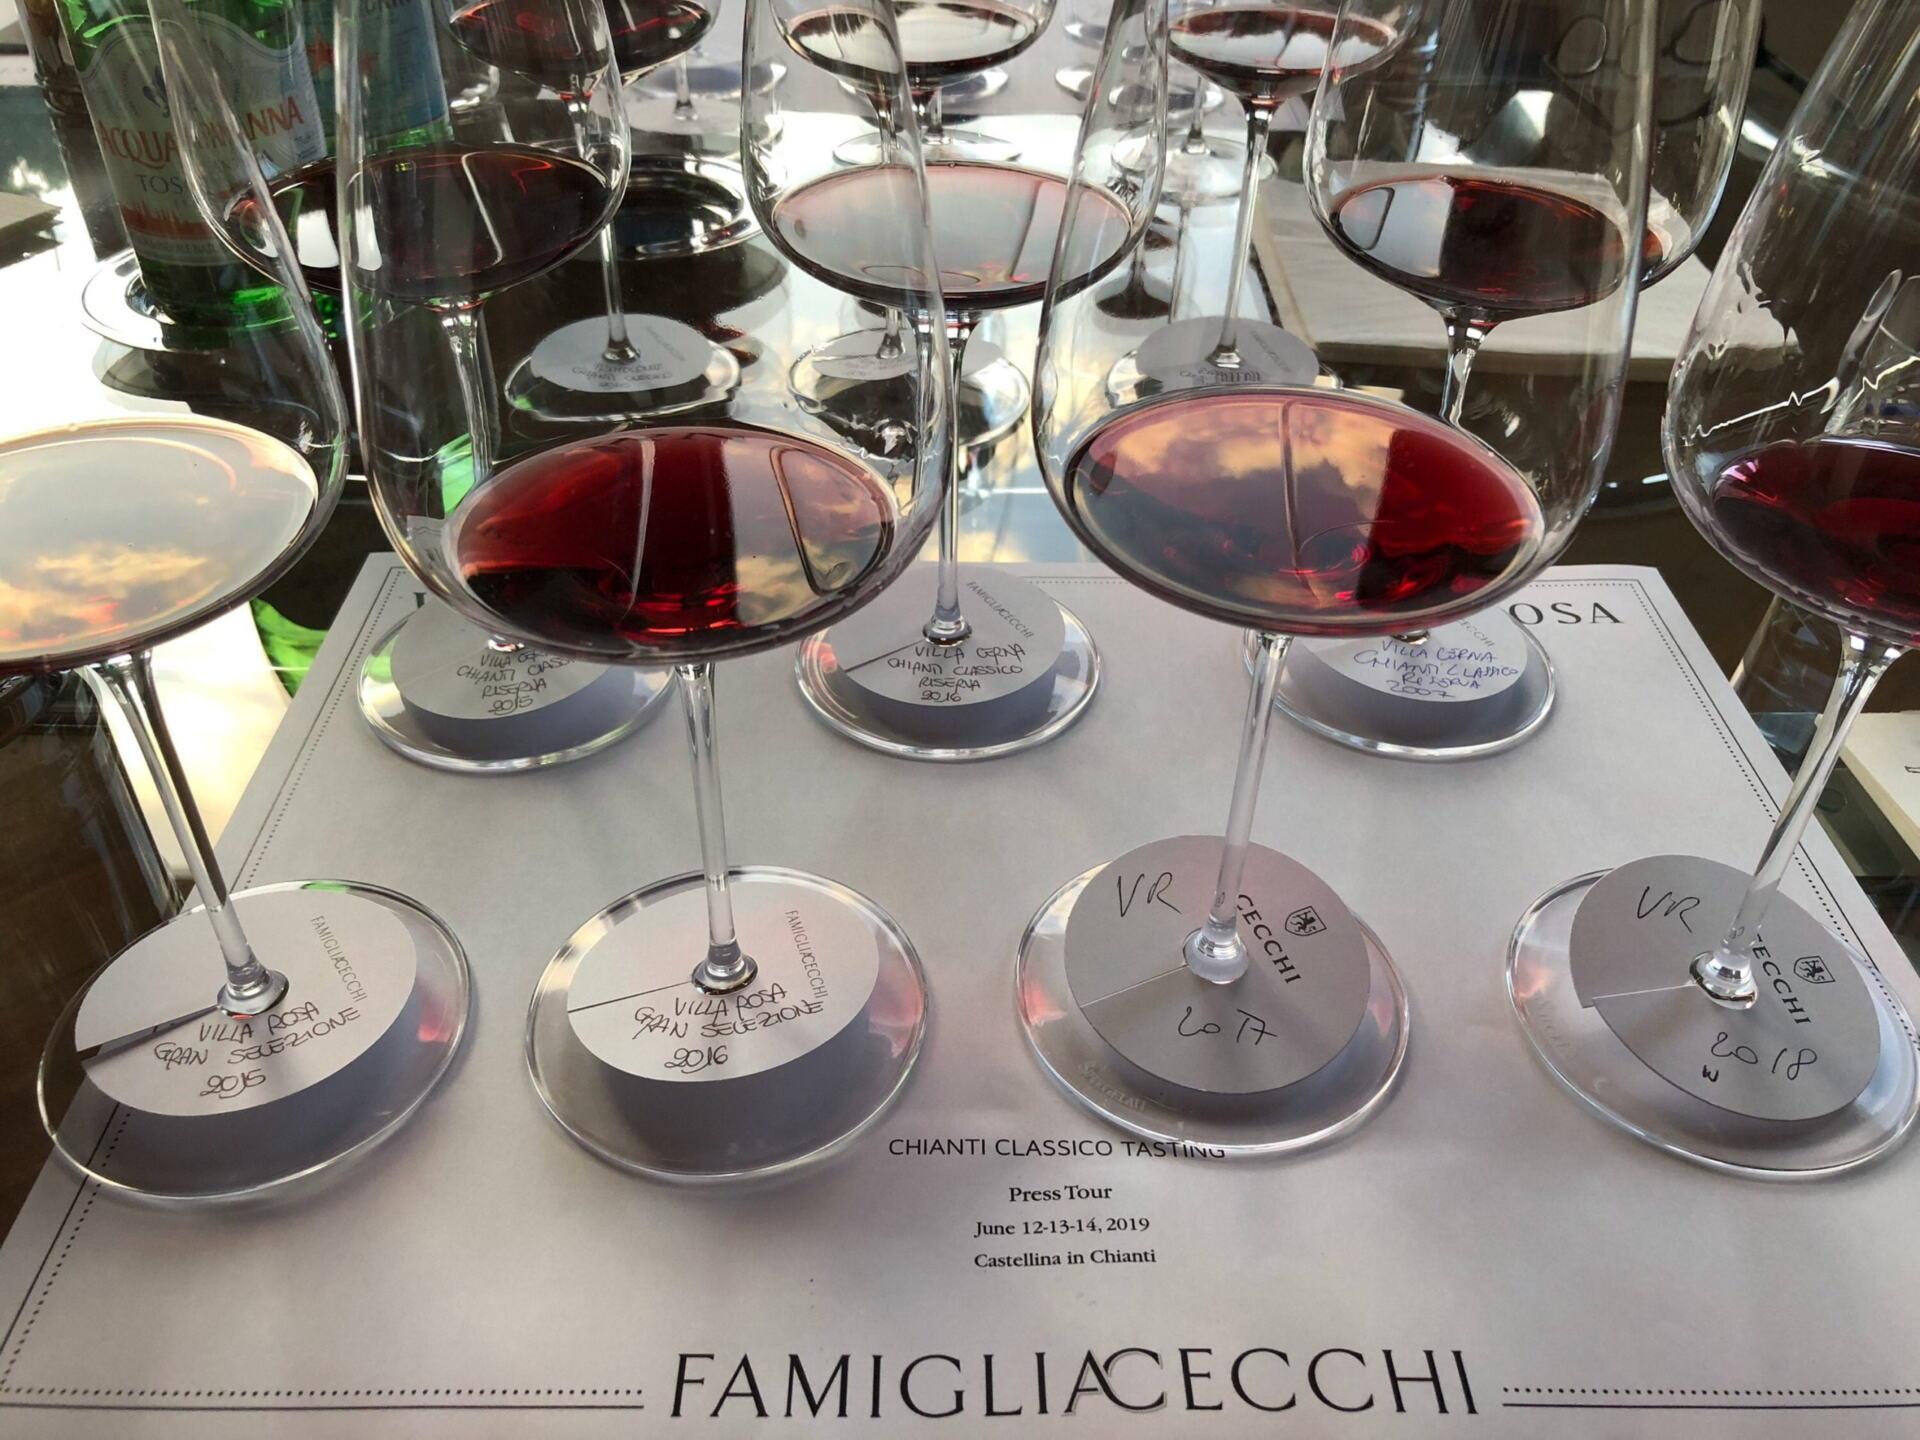 Cecchi wine glasses